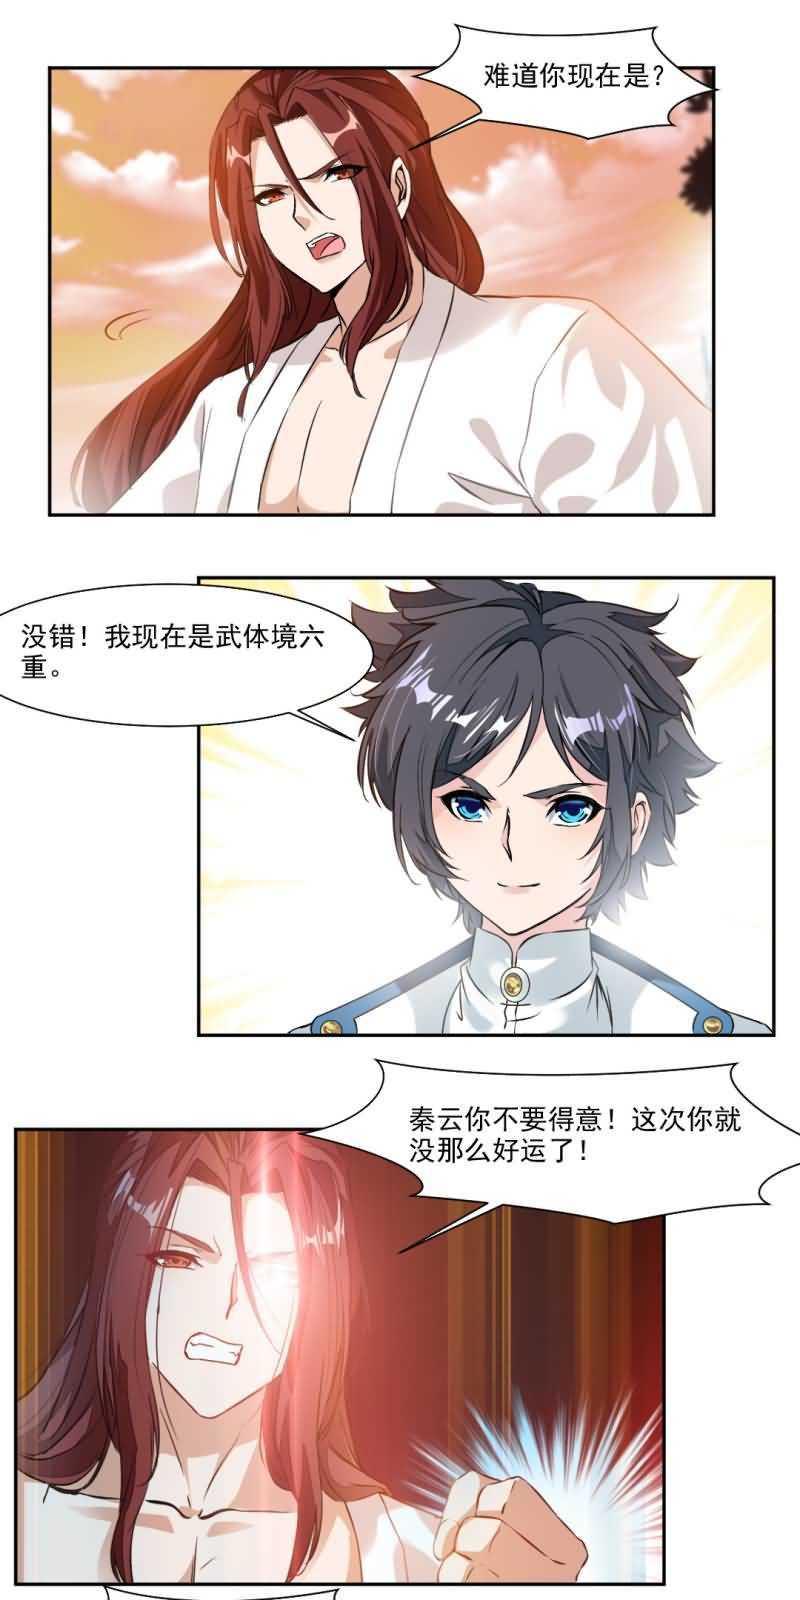 九阳神王第29话  冠军是…秦云! 第 14